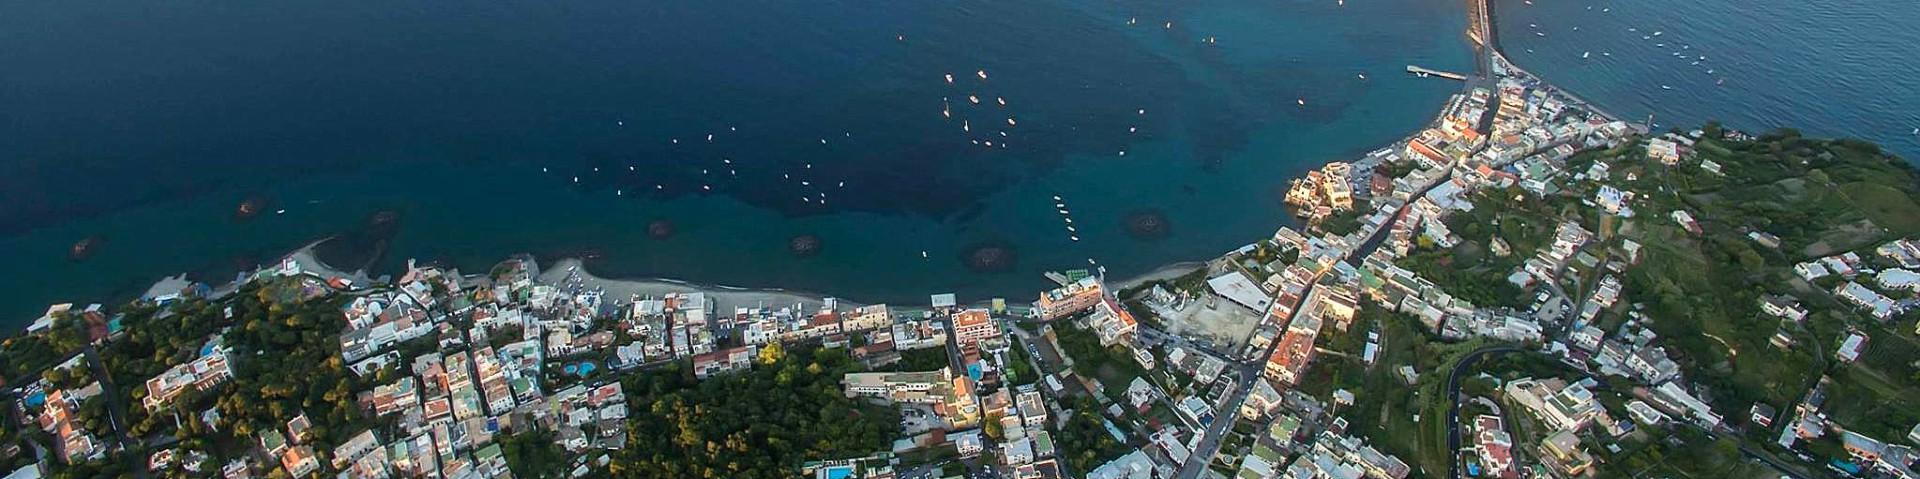 Ischia, pohled na některé městské pláže (autor: Luigi Conte)